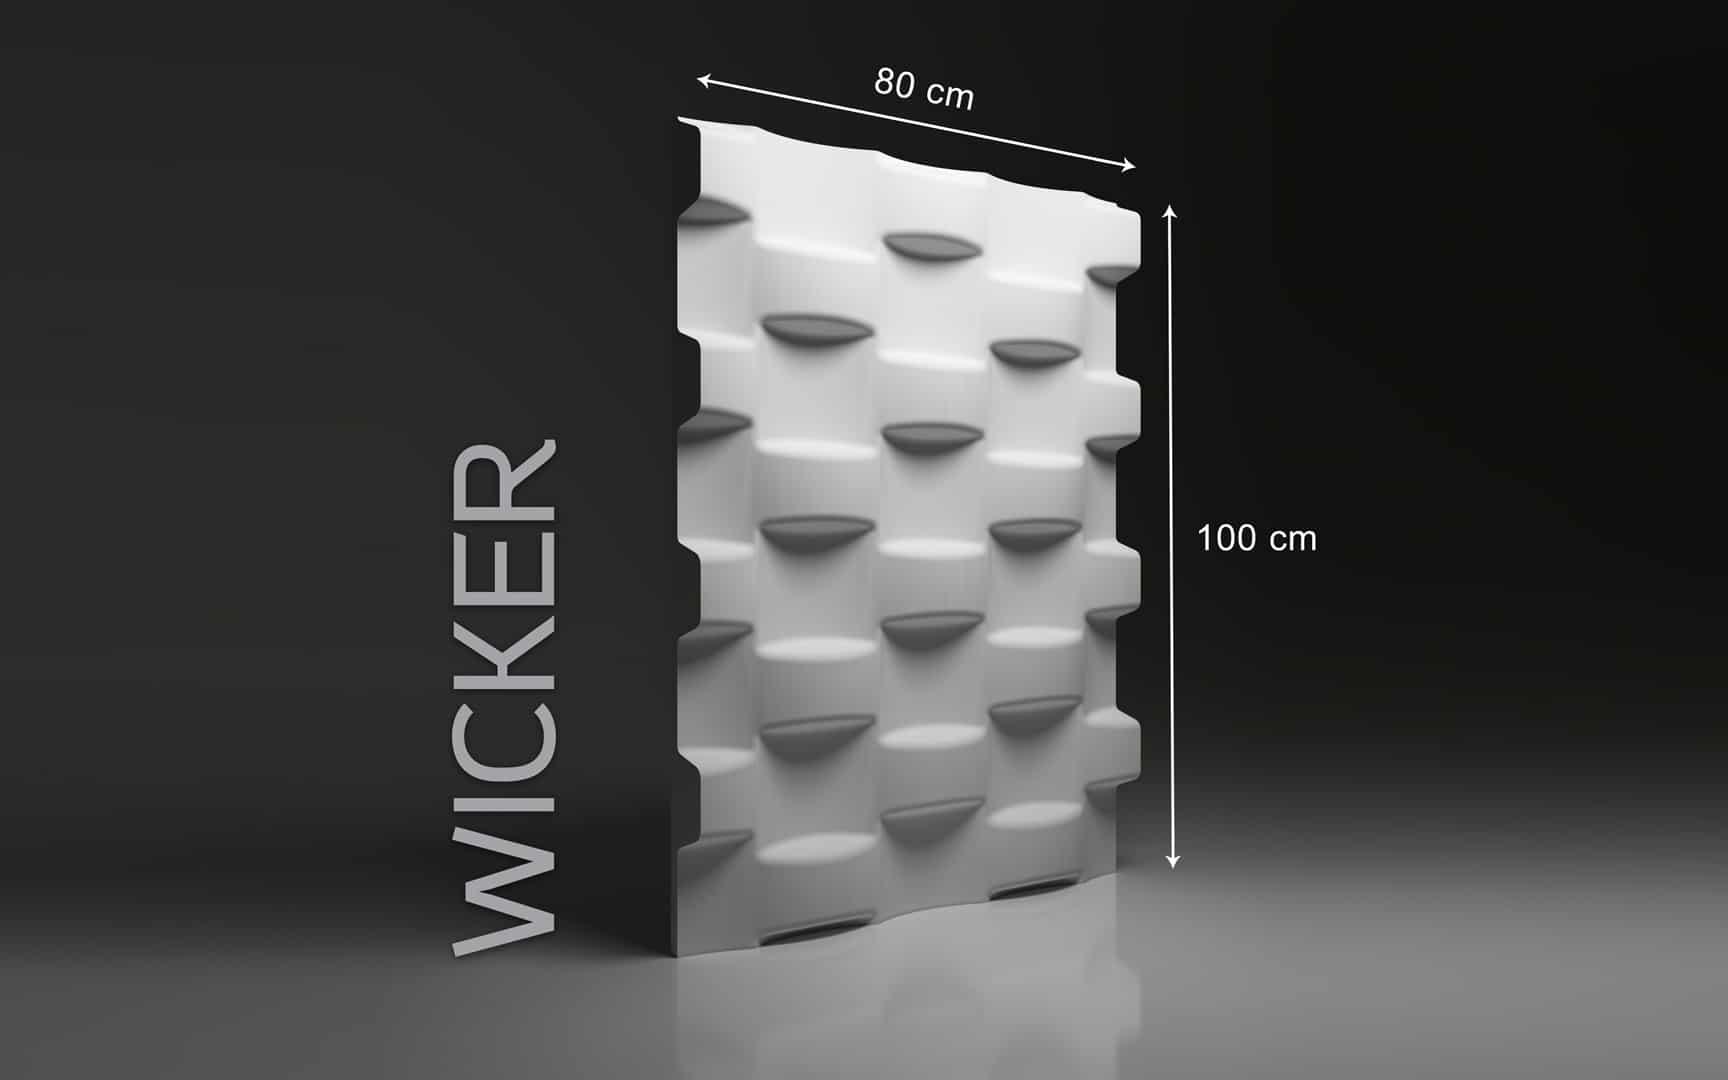 WICKER DIMENSIONS : hauteur 100 cm x largeur 80 cm ÉPAISSEUR : de 1,5 cm à 6,0 cm POIDS : environ 20 kg